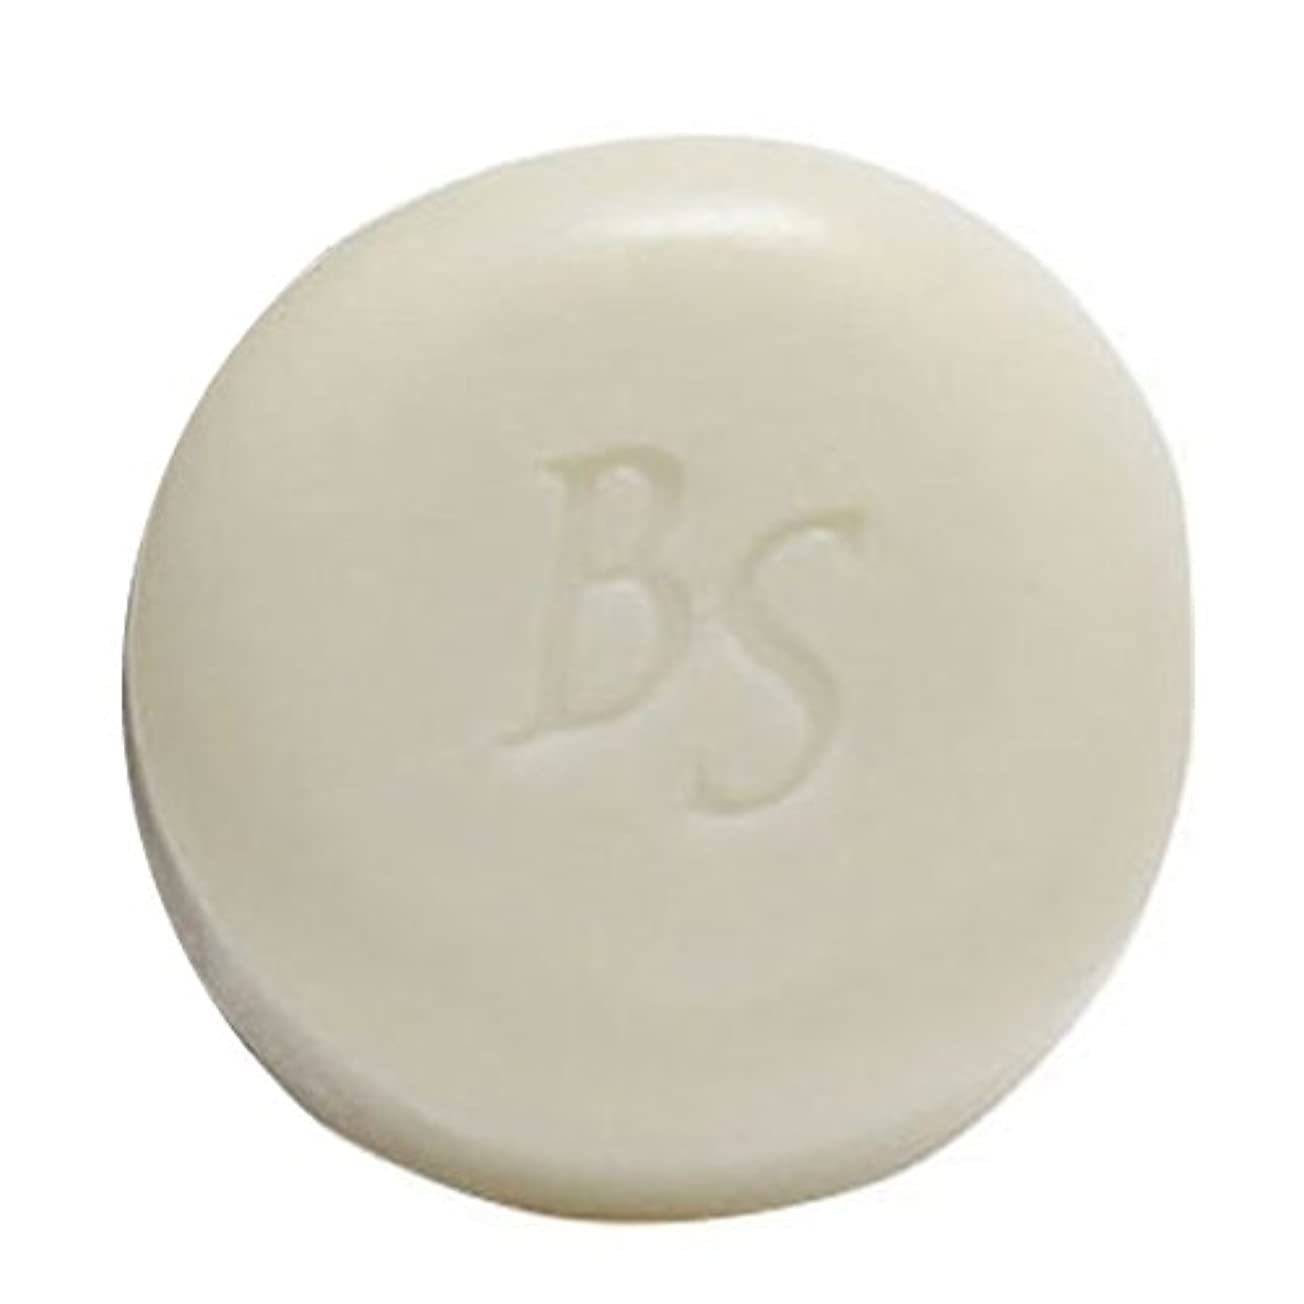 全体ロデオアレルギーBelles Secret Soap 100g